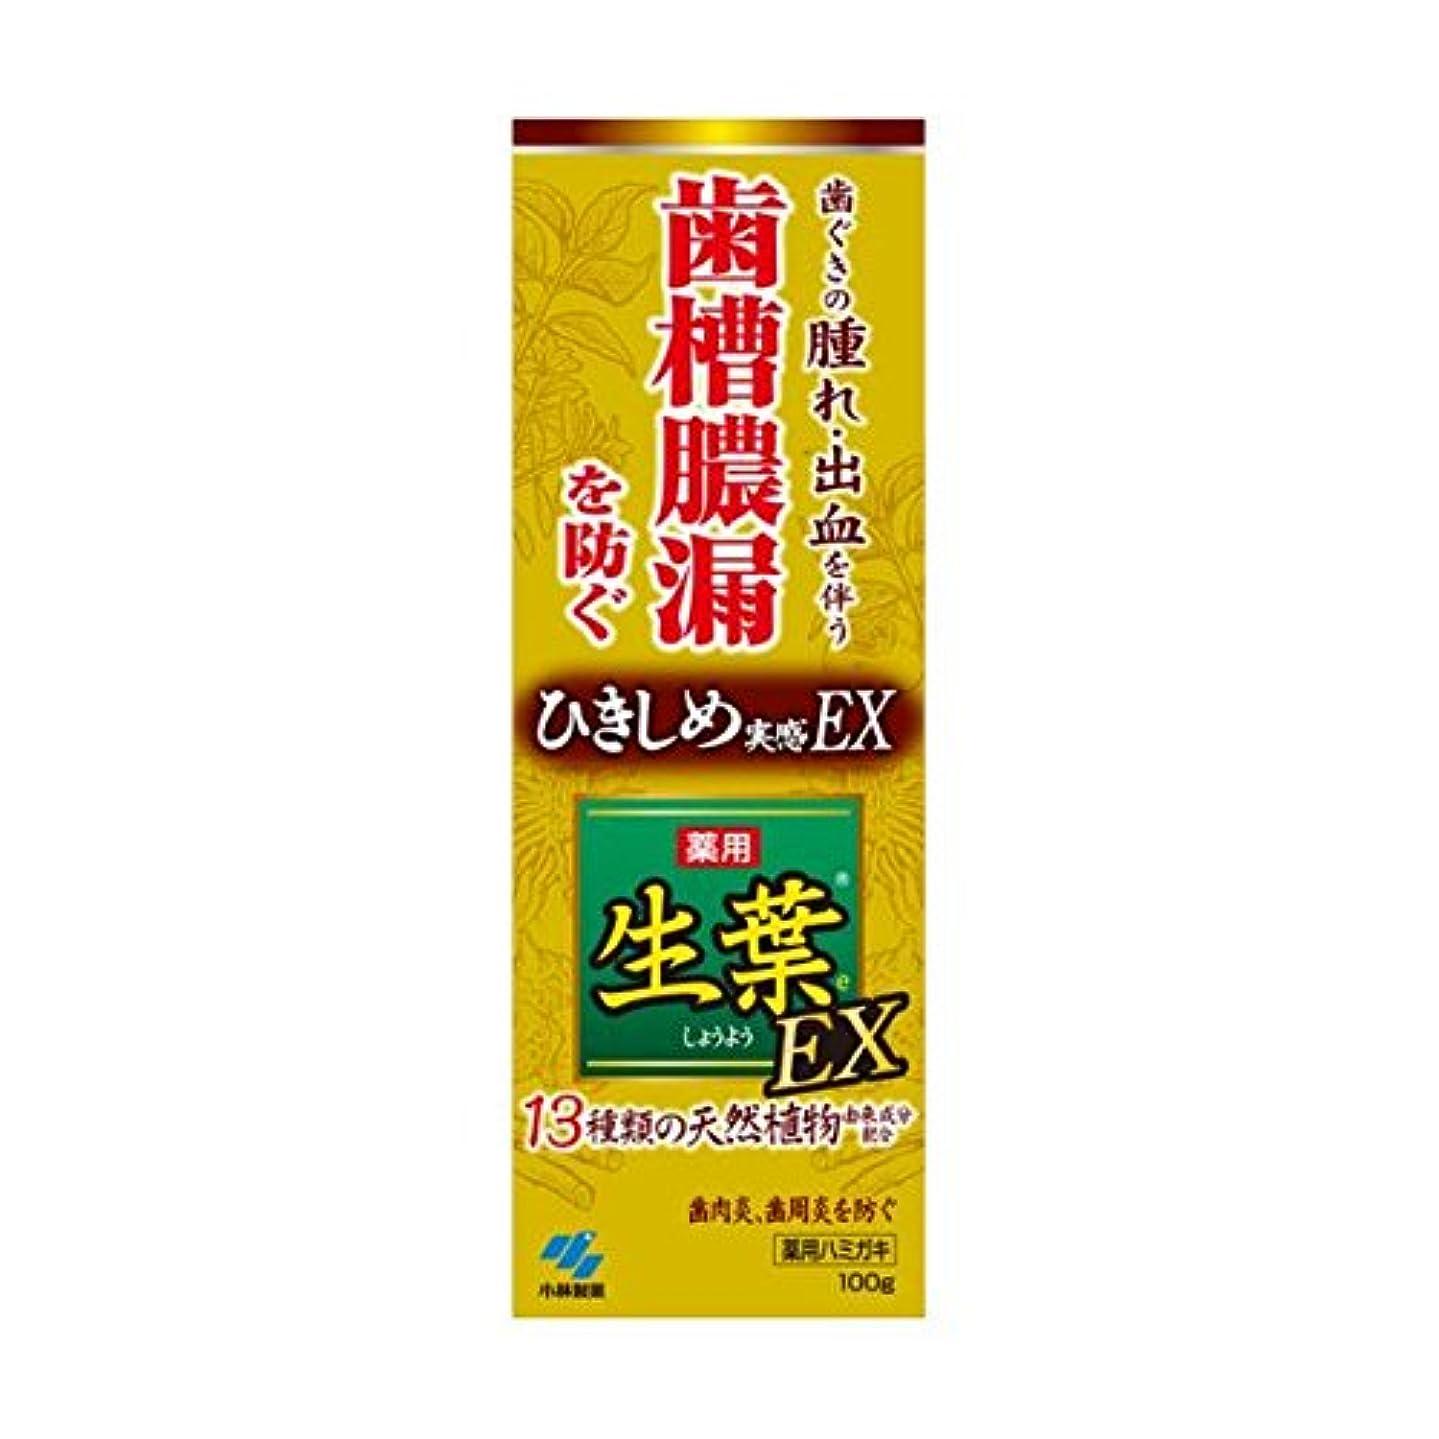 レトルト悪因子殺人者生葉EX 100g x2個セット